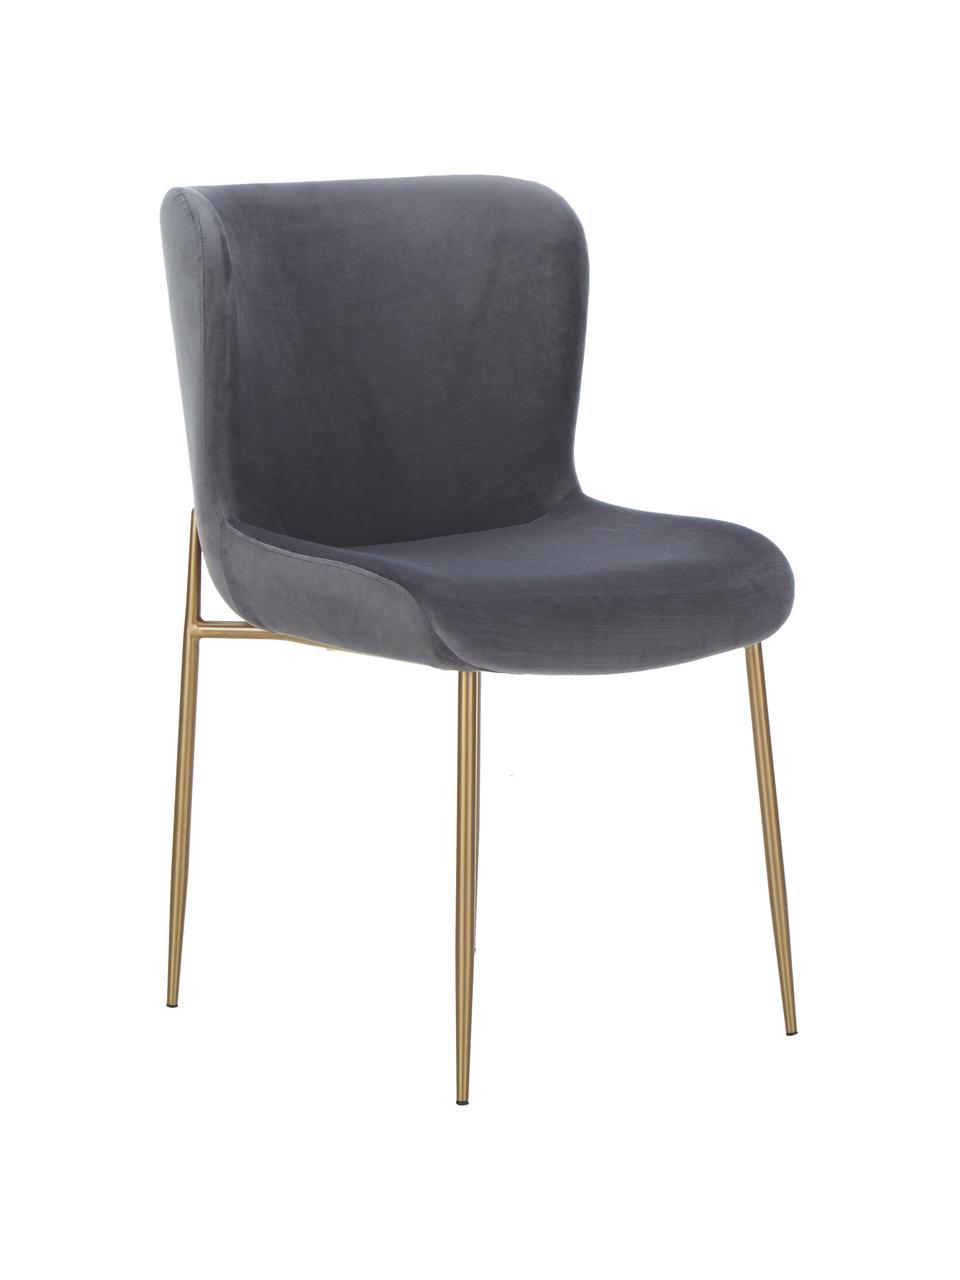 Sedia imbottita in velluto Tess, Rivestimento: velluto (poliestere) Con , Gambe: metallo rivestito, Velluto antracite, gambe dorate, Larg. 49 x Alt. 64 cm